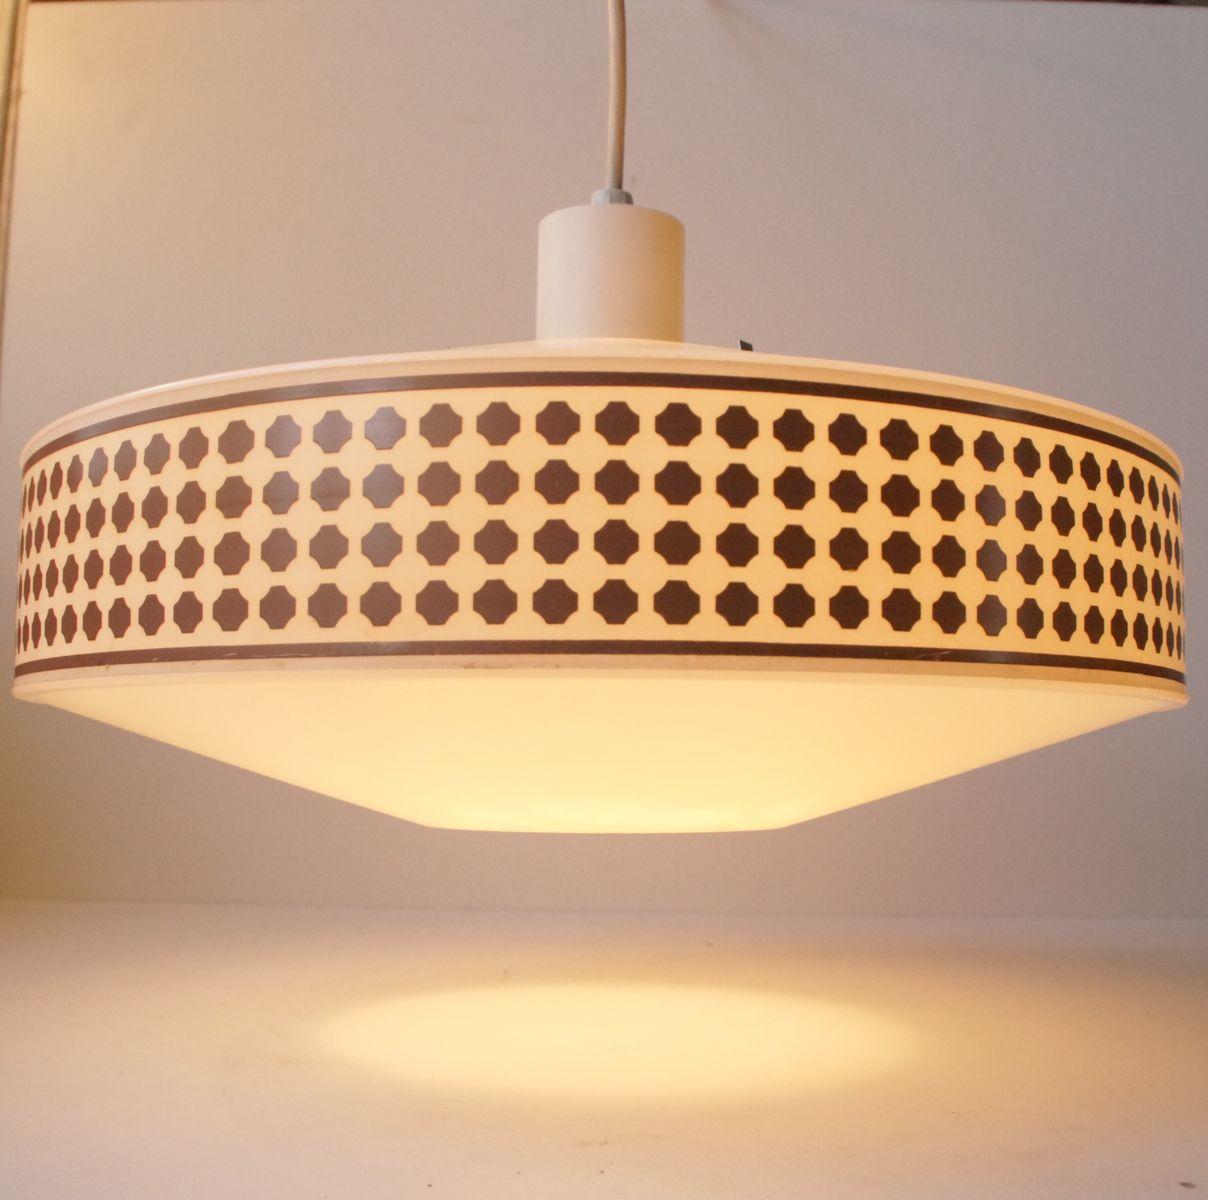 h ngelampe mit geometrischem kupfer muster von heifetz rotaflex 1960er bei pamono kaufen. Black Bedroom Furniture Sets. Home Design Ideas